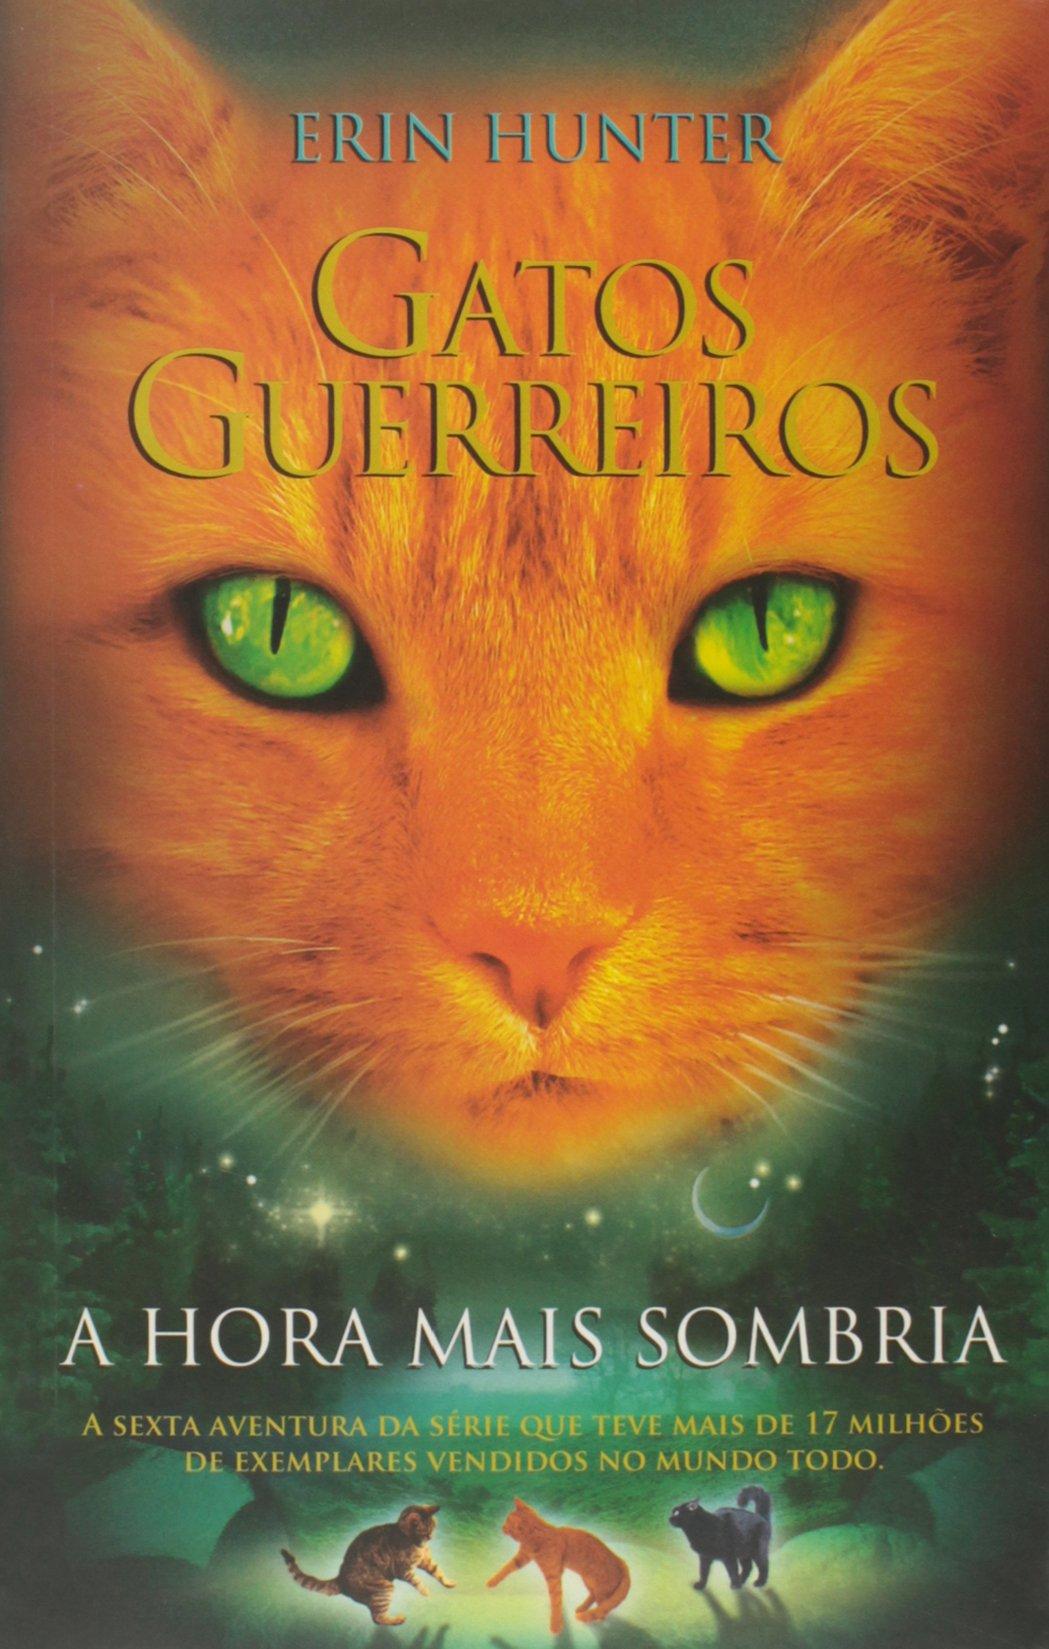 Gatos Guerreiros: A Hora Mais Sombria: Erin Hunter: 9788578278687: Amazon.com: Books